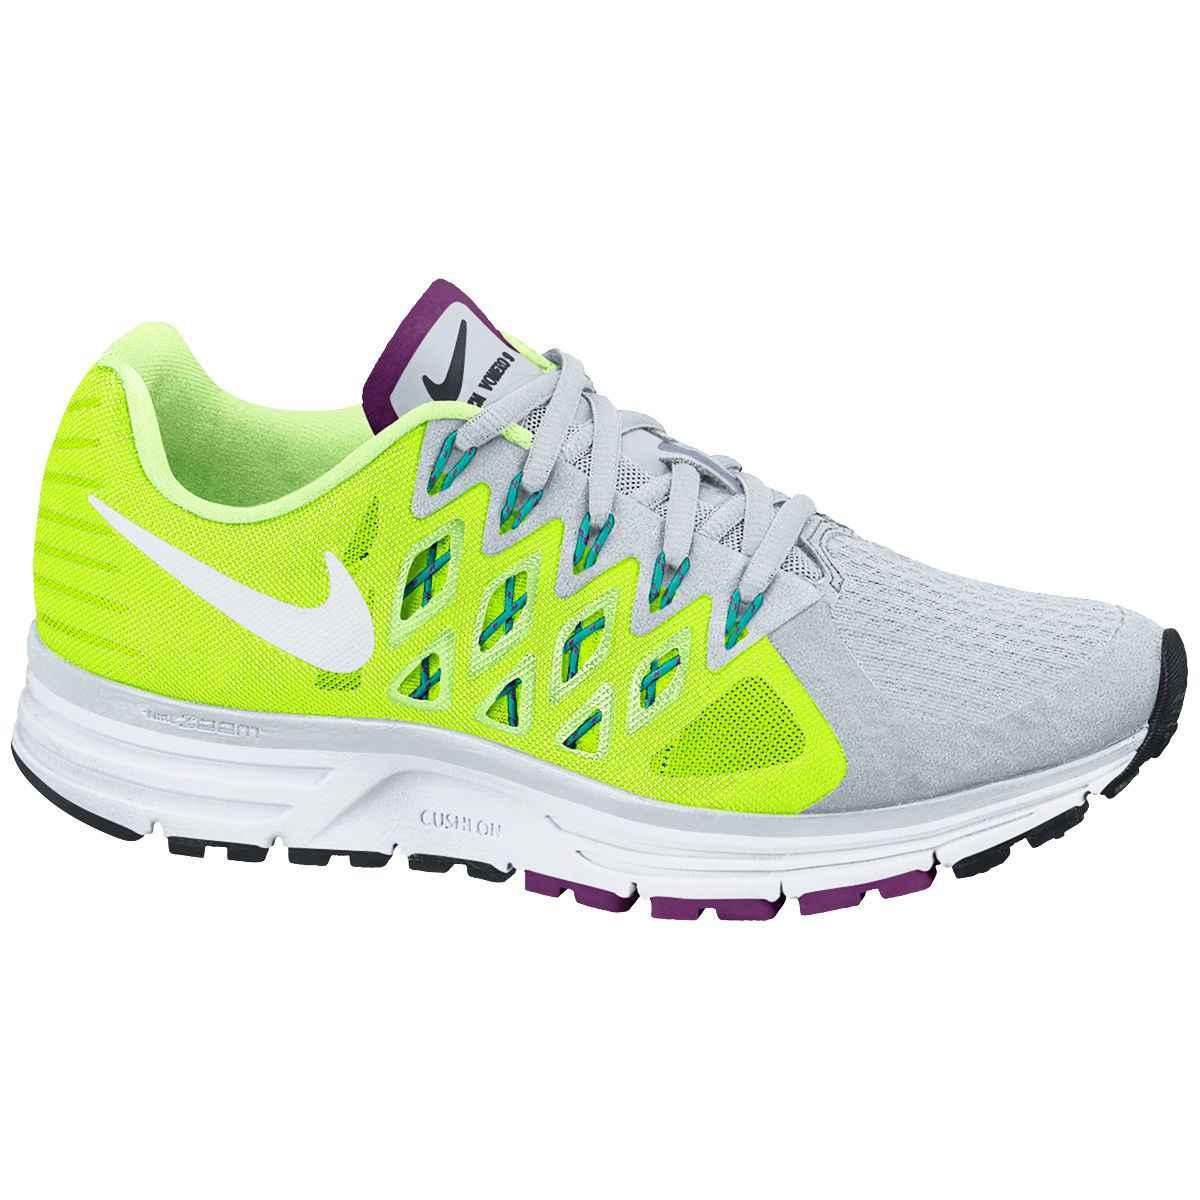 Nike Zoom Vomero 9, todo sobre ellas - Palabra de Runner